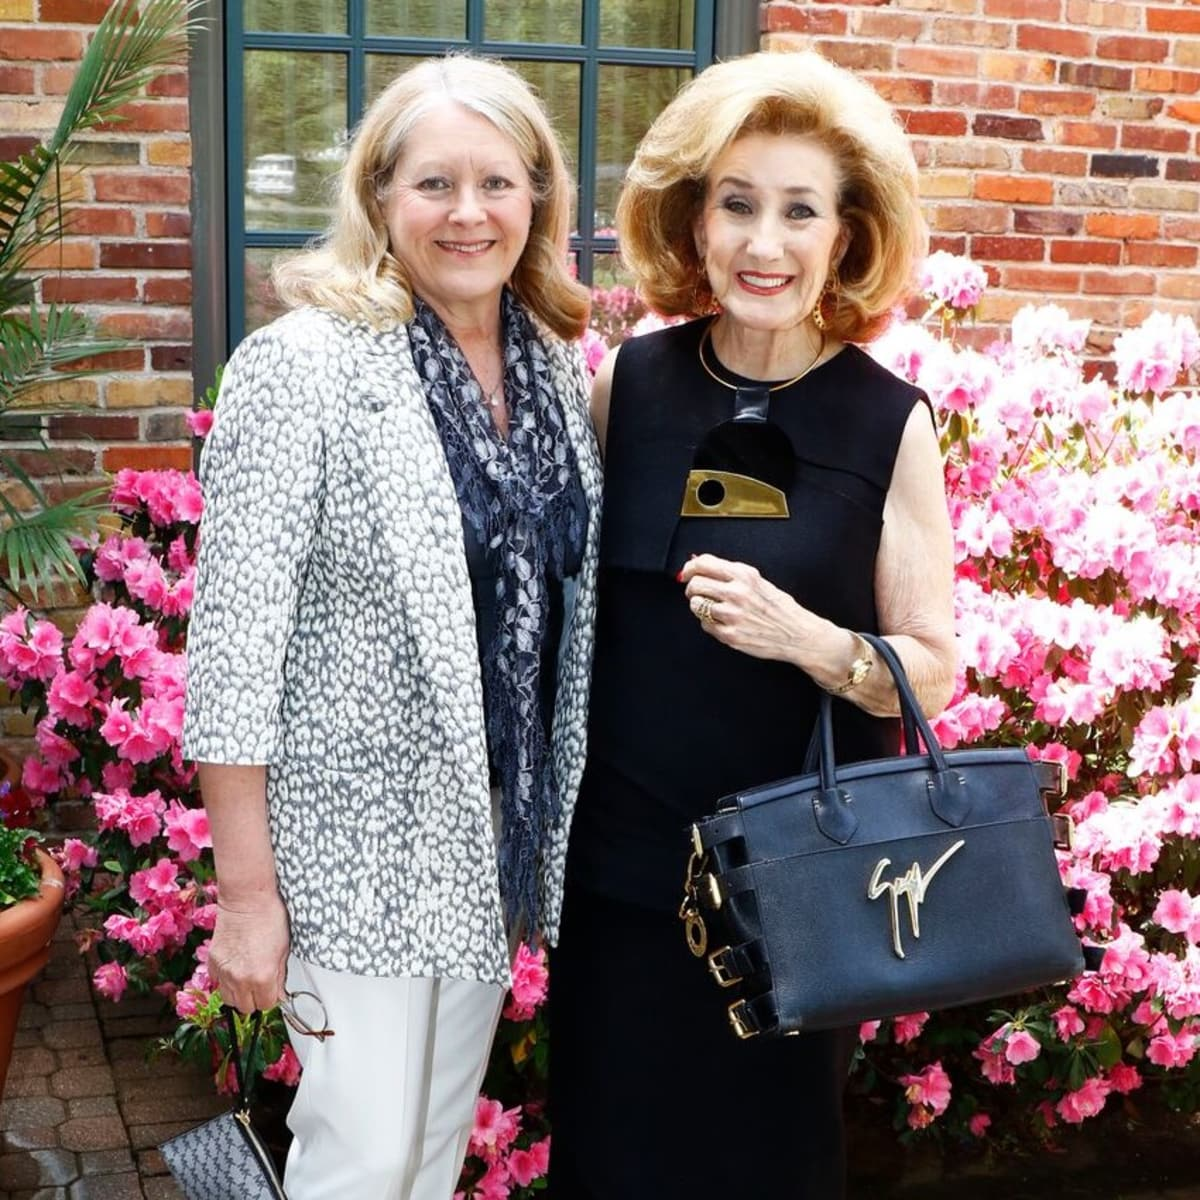 Cynthia Beaird, Doris Jacobs, PCPHS luncheon 2018